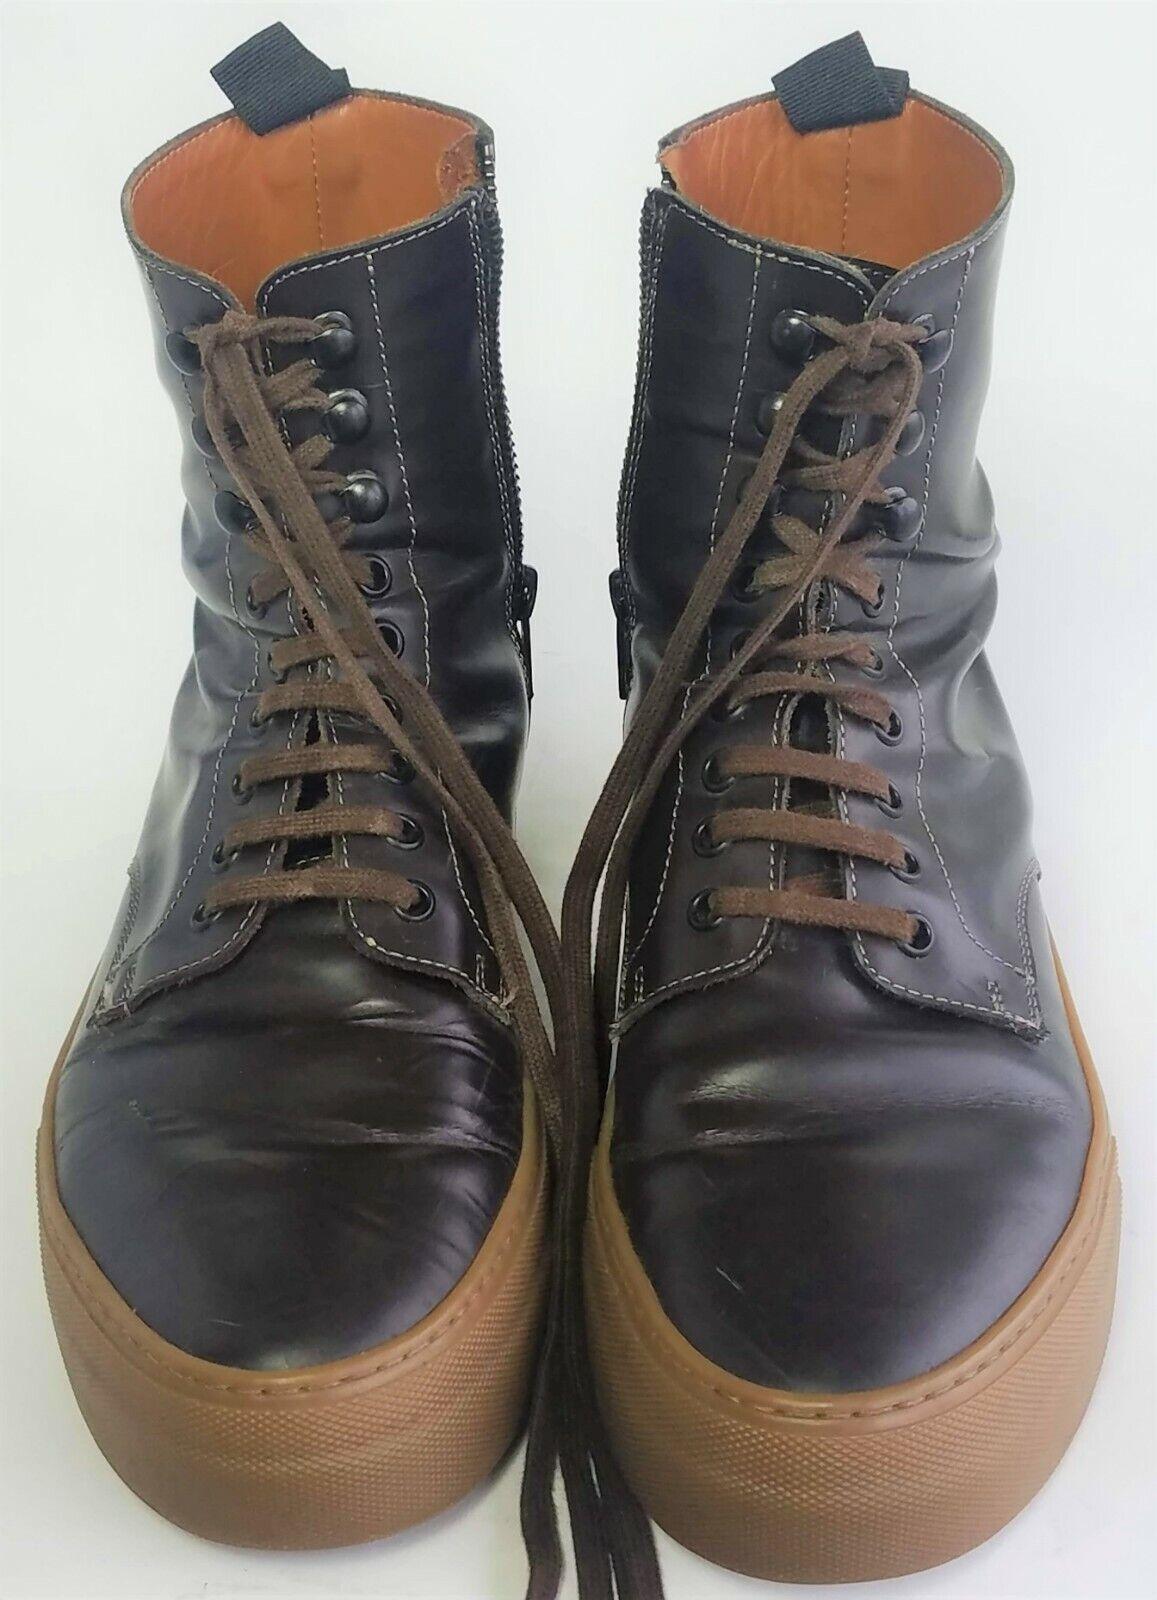 COMMON PROJECT X Robert Geller Marroneee Leather Combat stivali scarpe 10 US 43 EUR Men